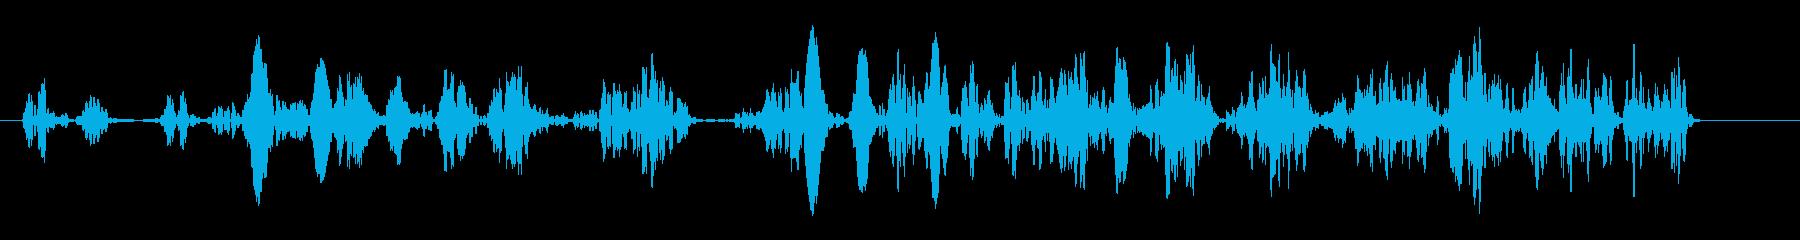 泡が湧き上る音(細かい、大量)の再生済みの波形